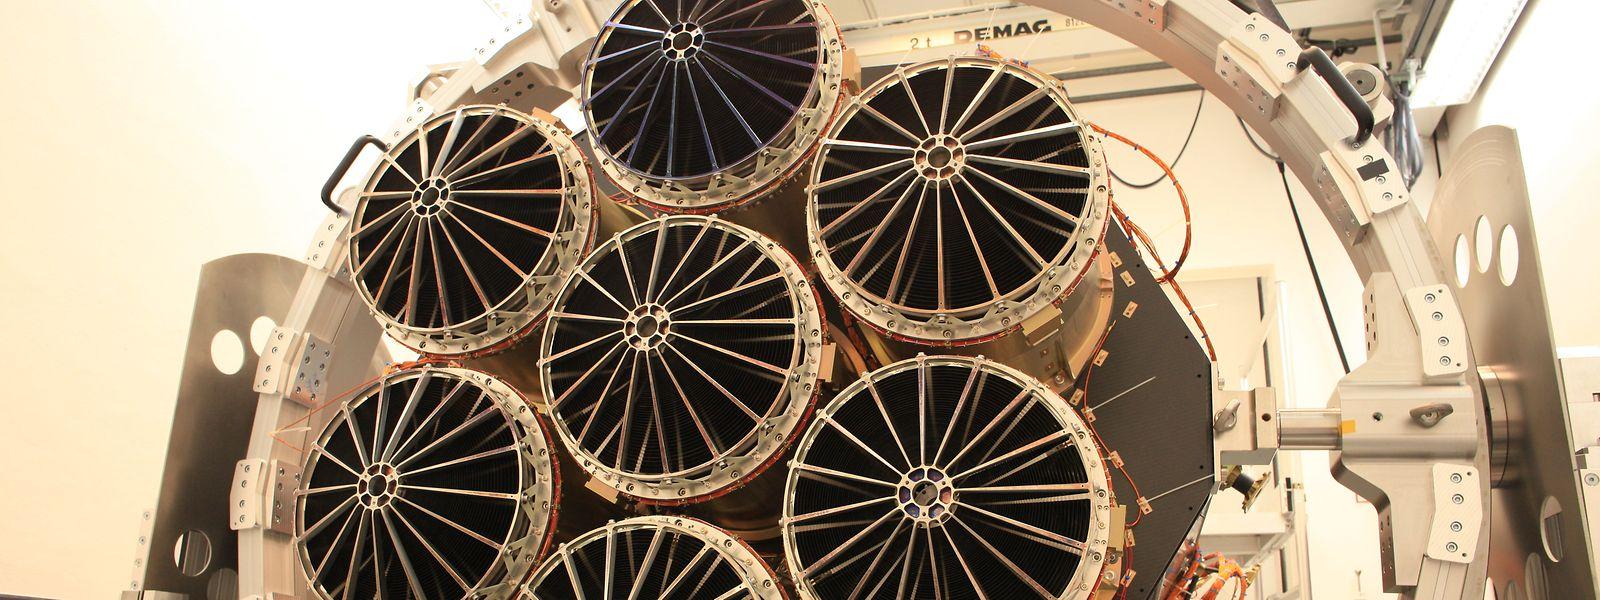 Das Röntgenteleskop eRosita. Es besteht aus sieben identischen Spiegelmodulen mit je 54 Spiegelschalen. (zu dpa Russische Rakete bringt deutsches Teleskop eRosita im All) Foto: Peter Friedrich/MPE/dpa - ACHTUNG: Nur zur redaktionellen Verwendung und nur mit vollständiger Nennung des vorstehenden Credits +++ dpa-Bildfunk +++